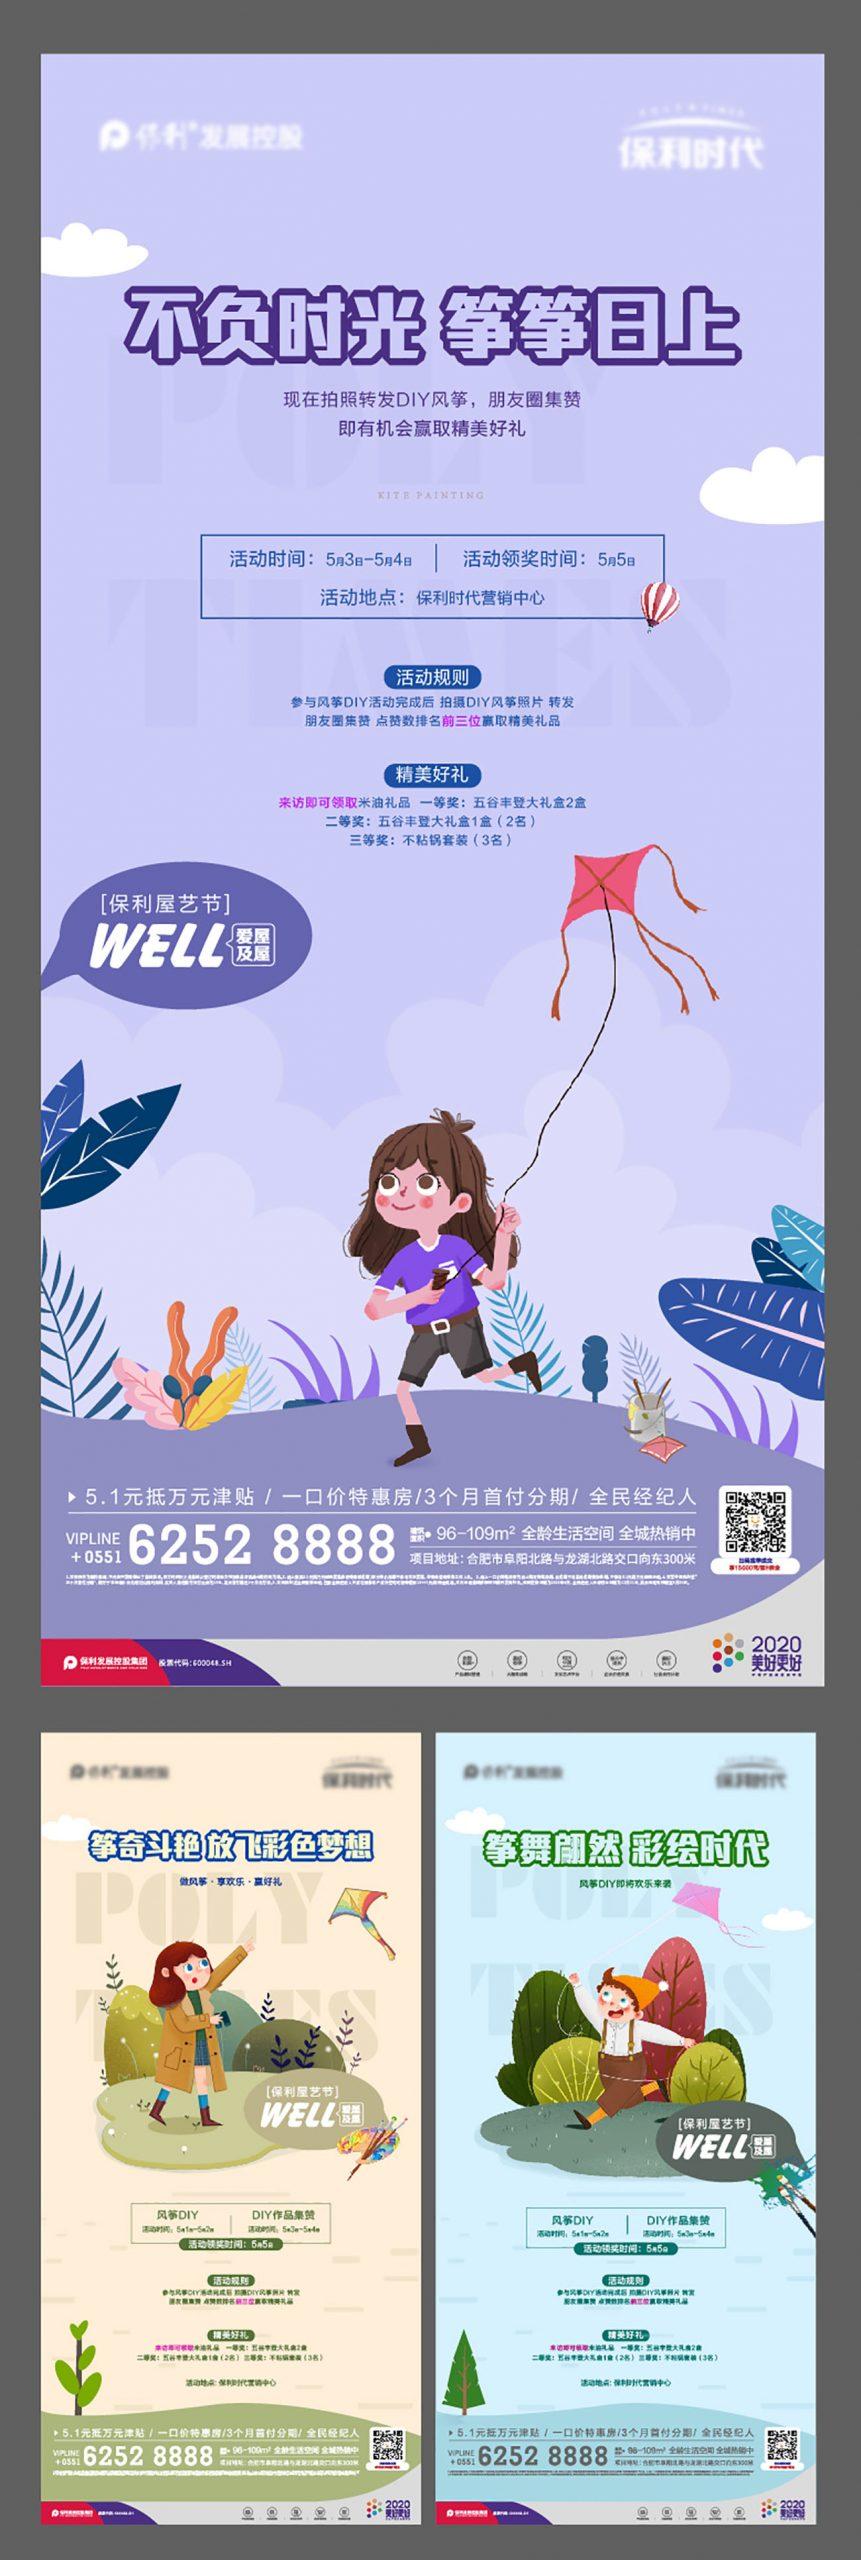 地产风筝节暖场系列海报AI源文件插图